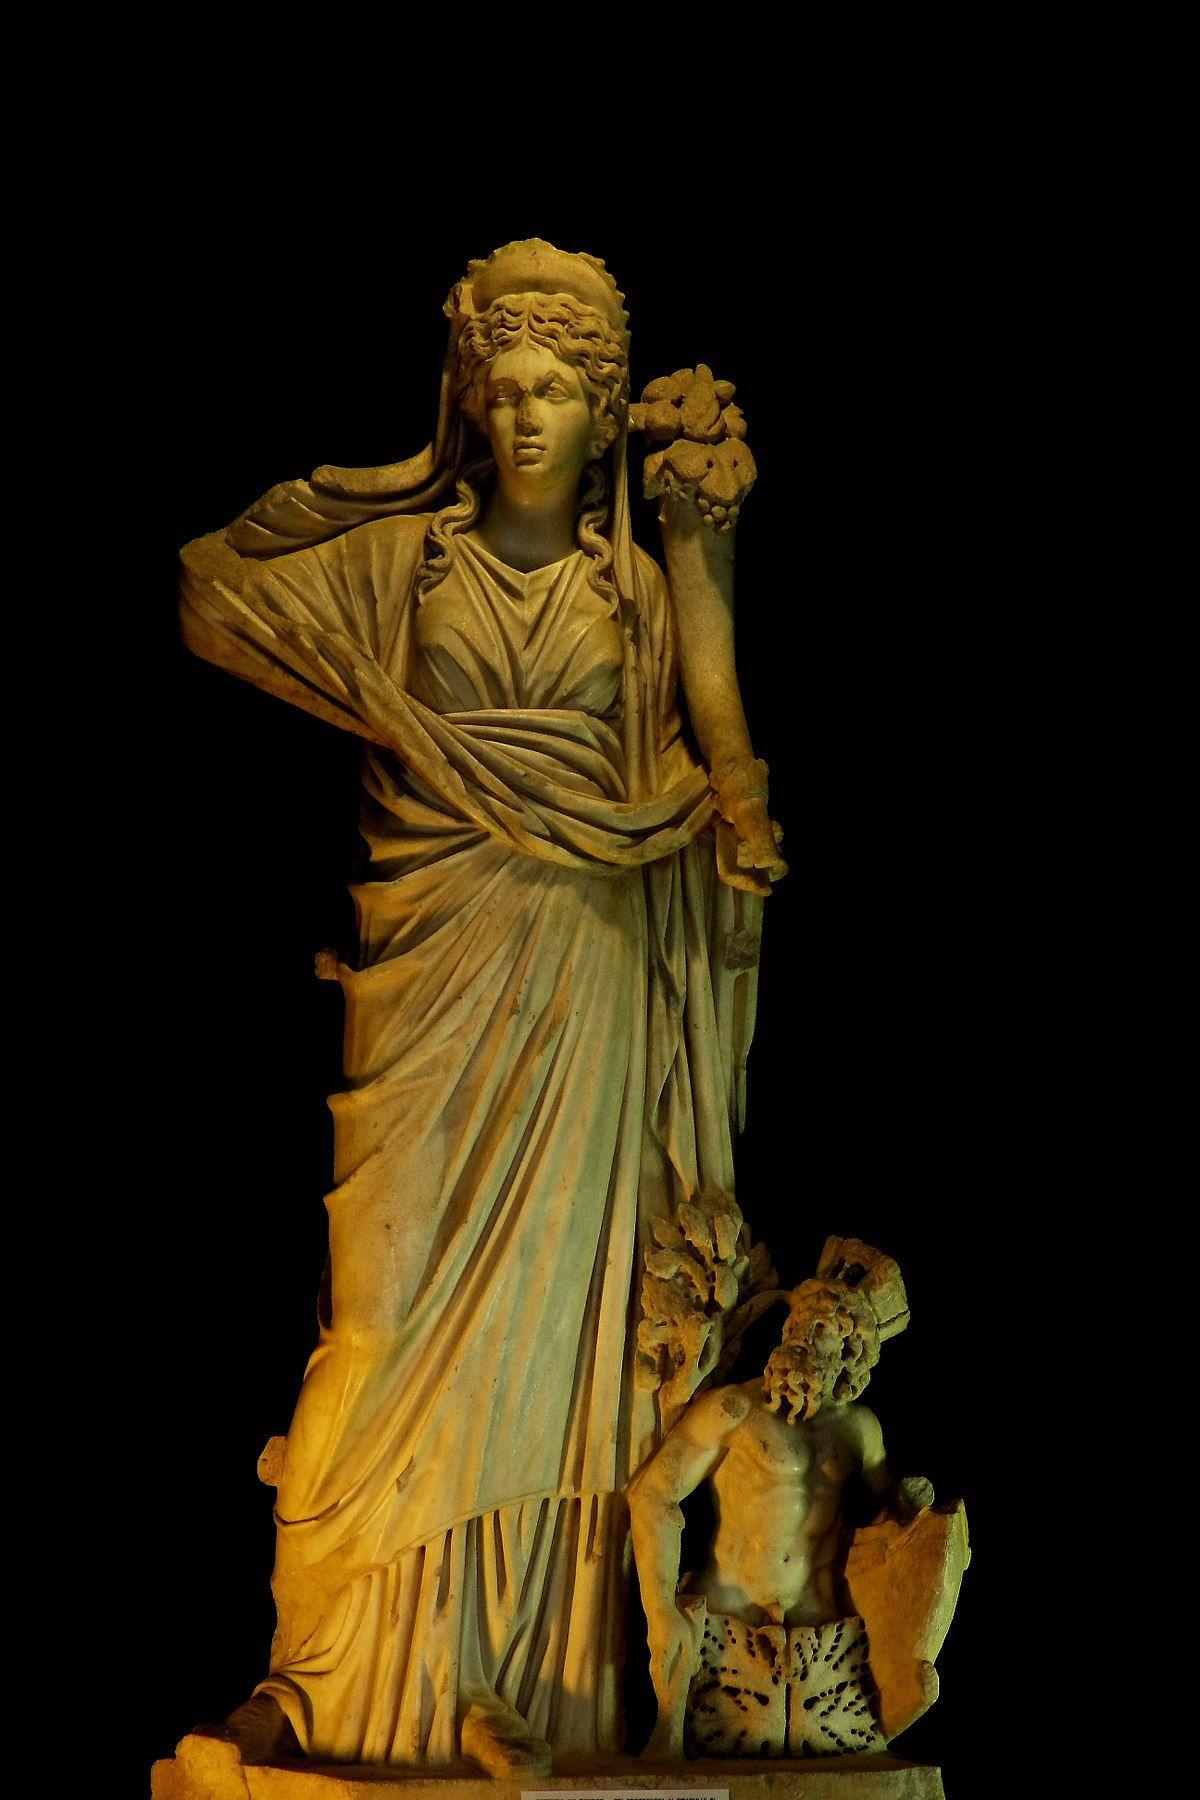 Antikes Standbild der Göttin Fortuna mit einem Füllhorn als Attribut ...